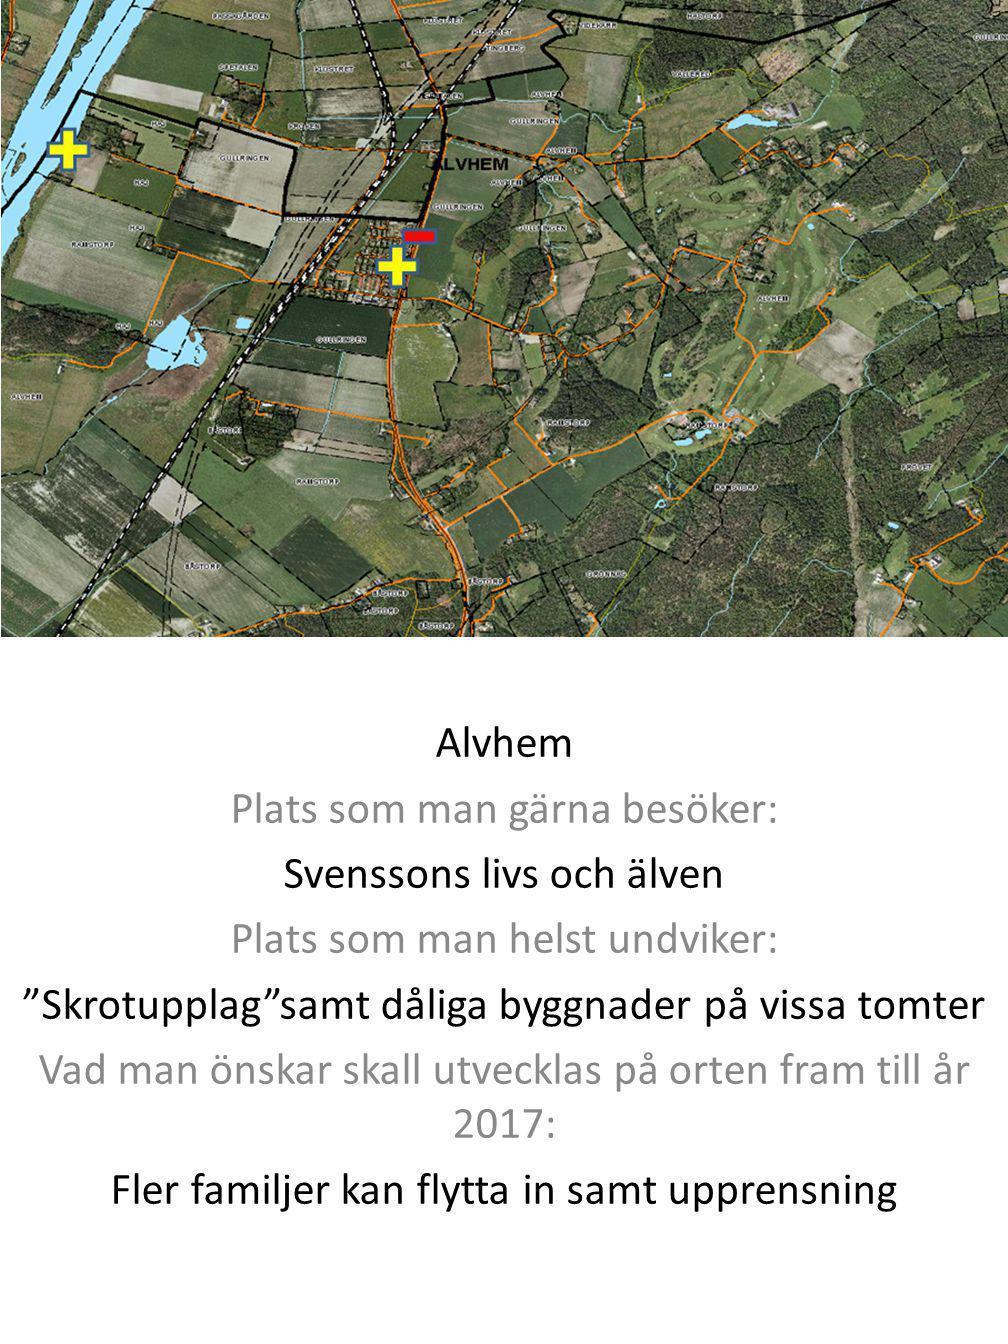 Plats som man gärna besöker: Svenssons livs och älven